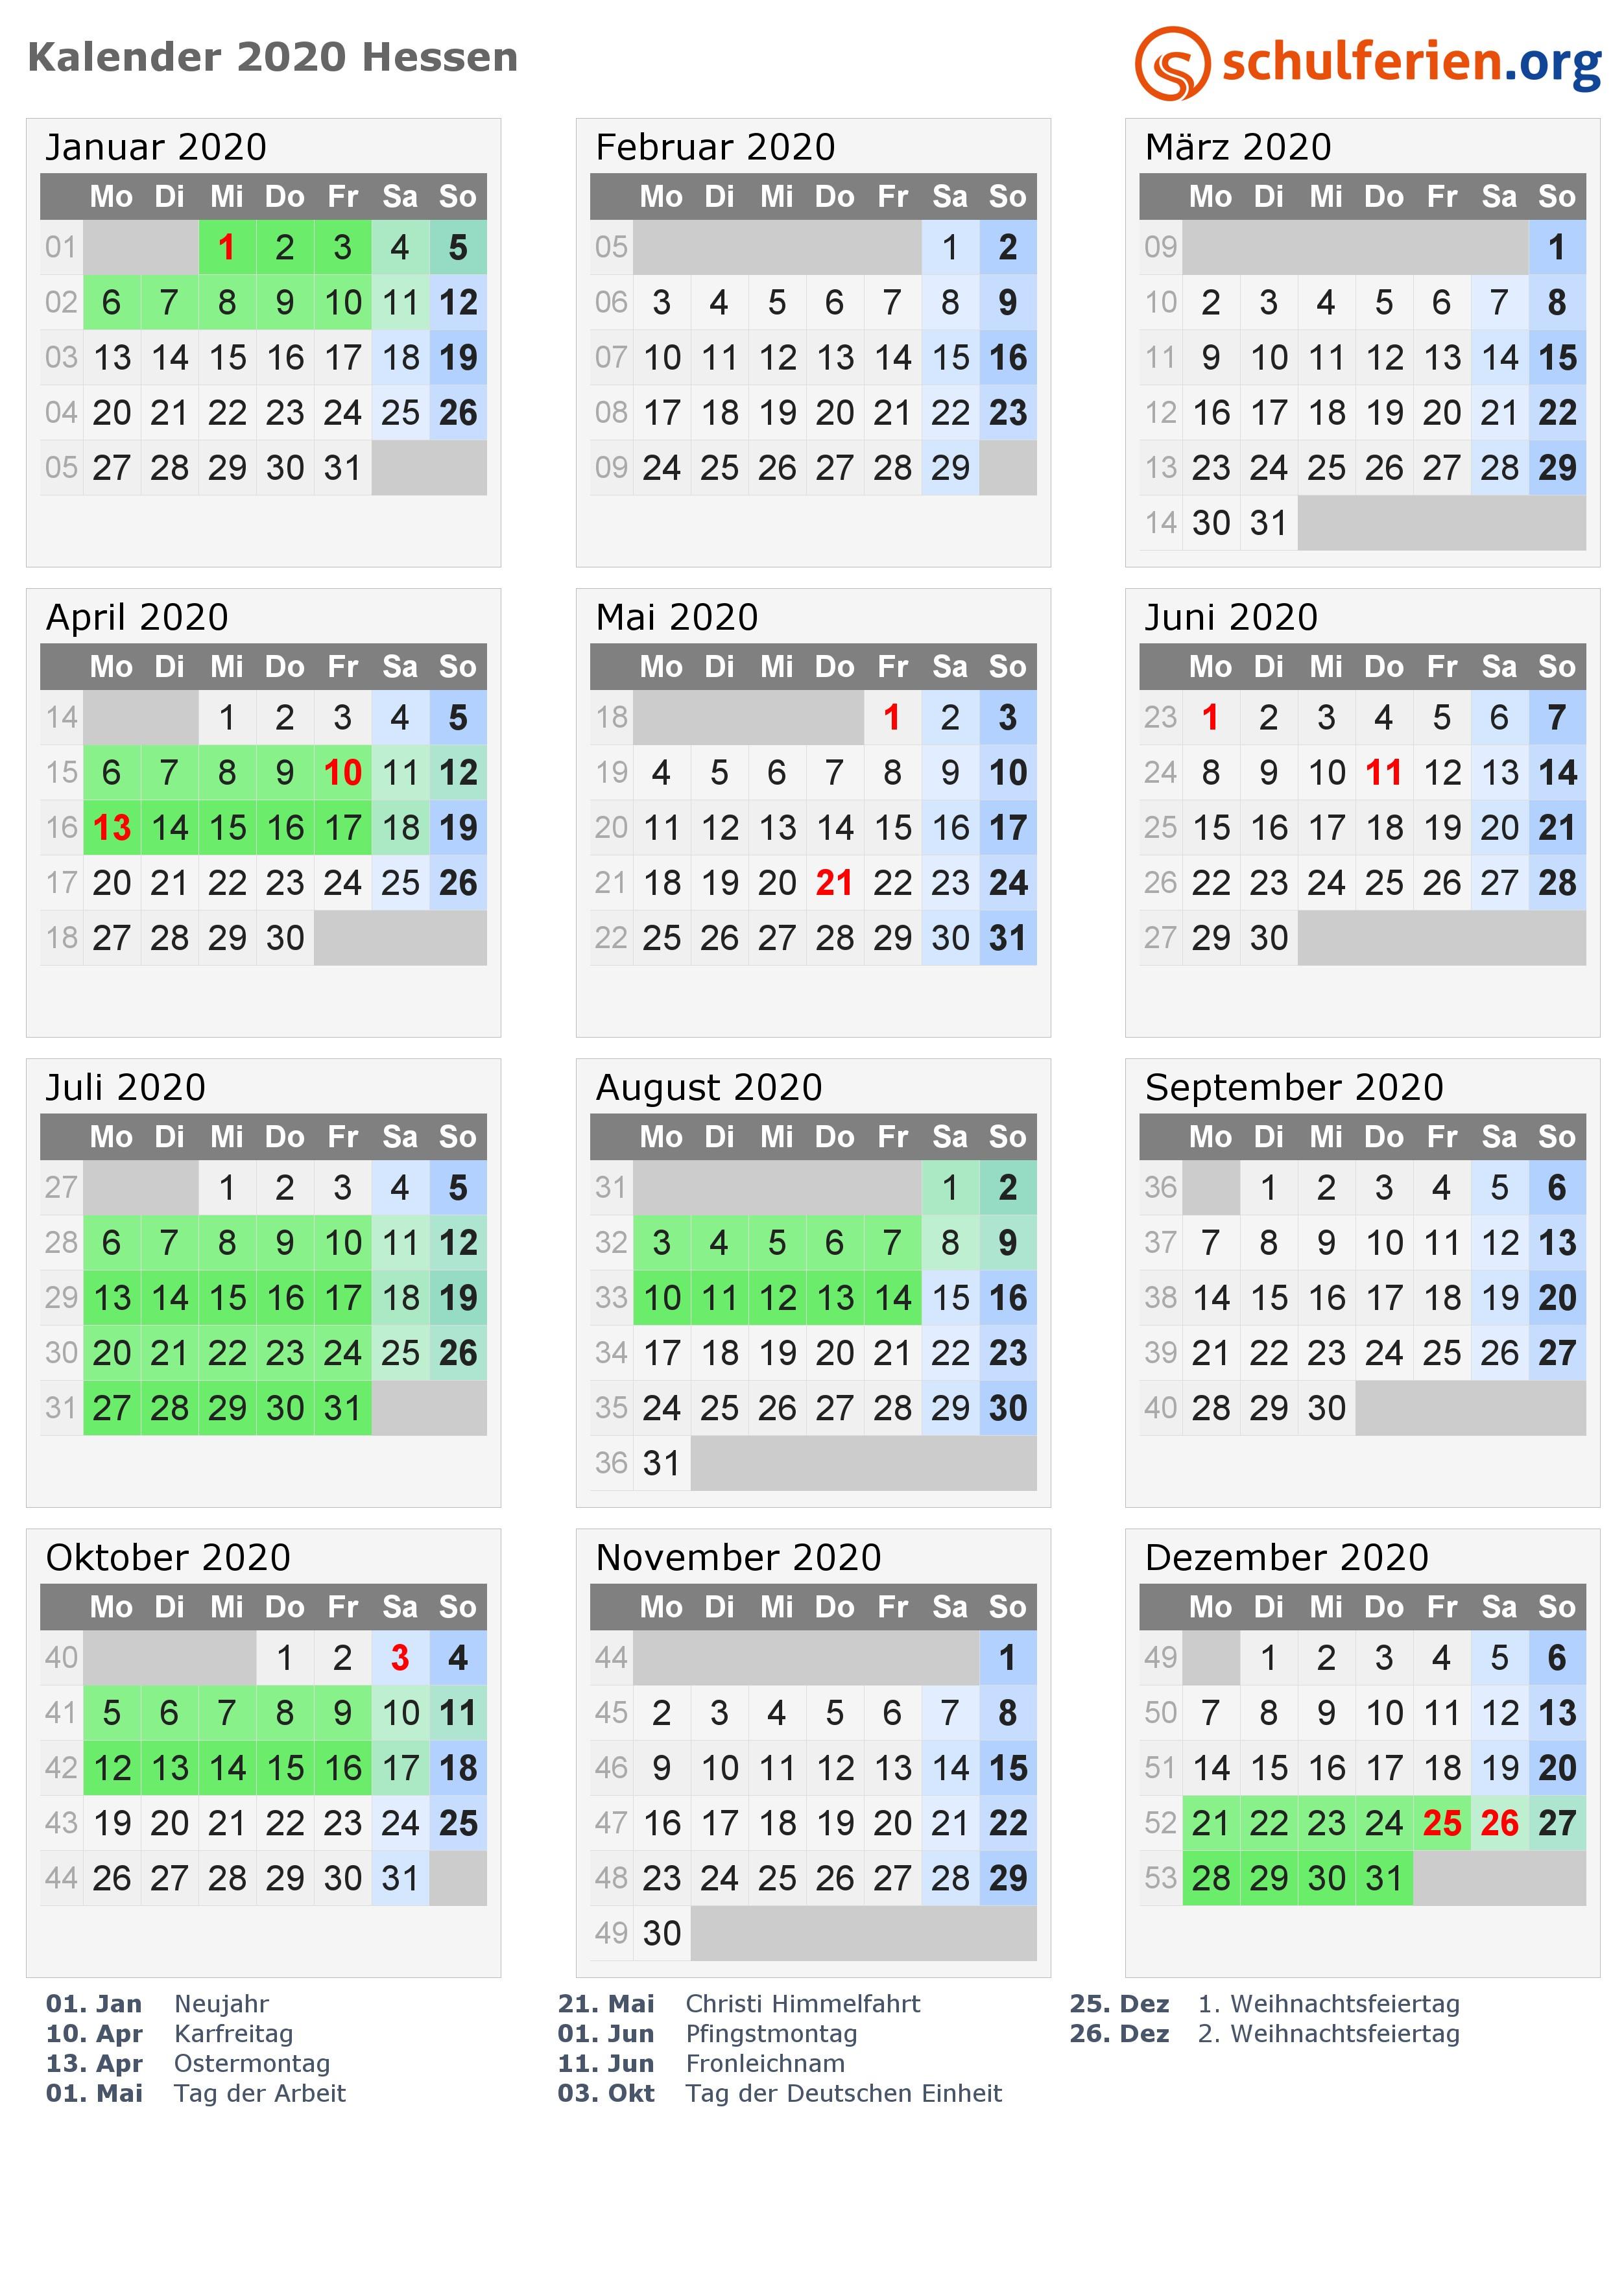 Kalender Feriendichte 2019 Pdf Más Arriba-a-fecha Kalender 2018 2019 2020 Hessen